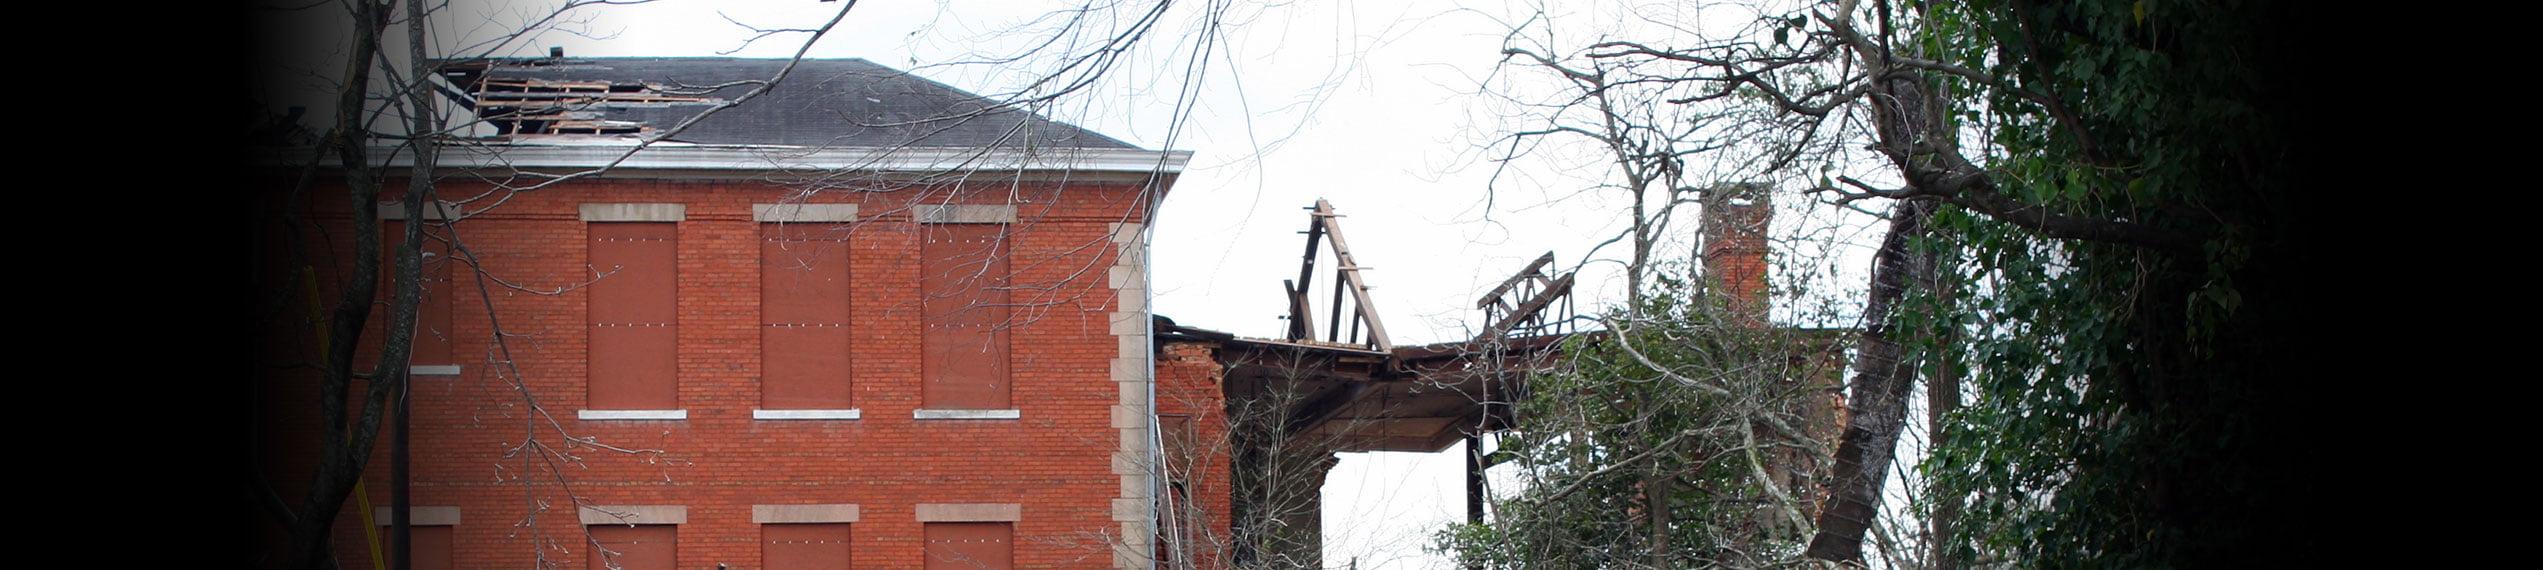 Property damage emergency?